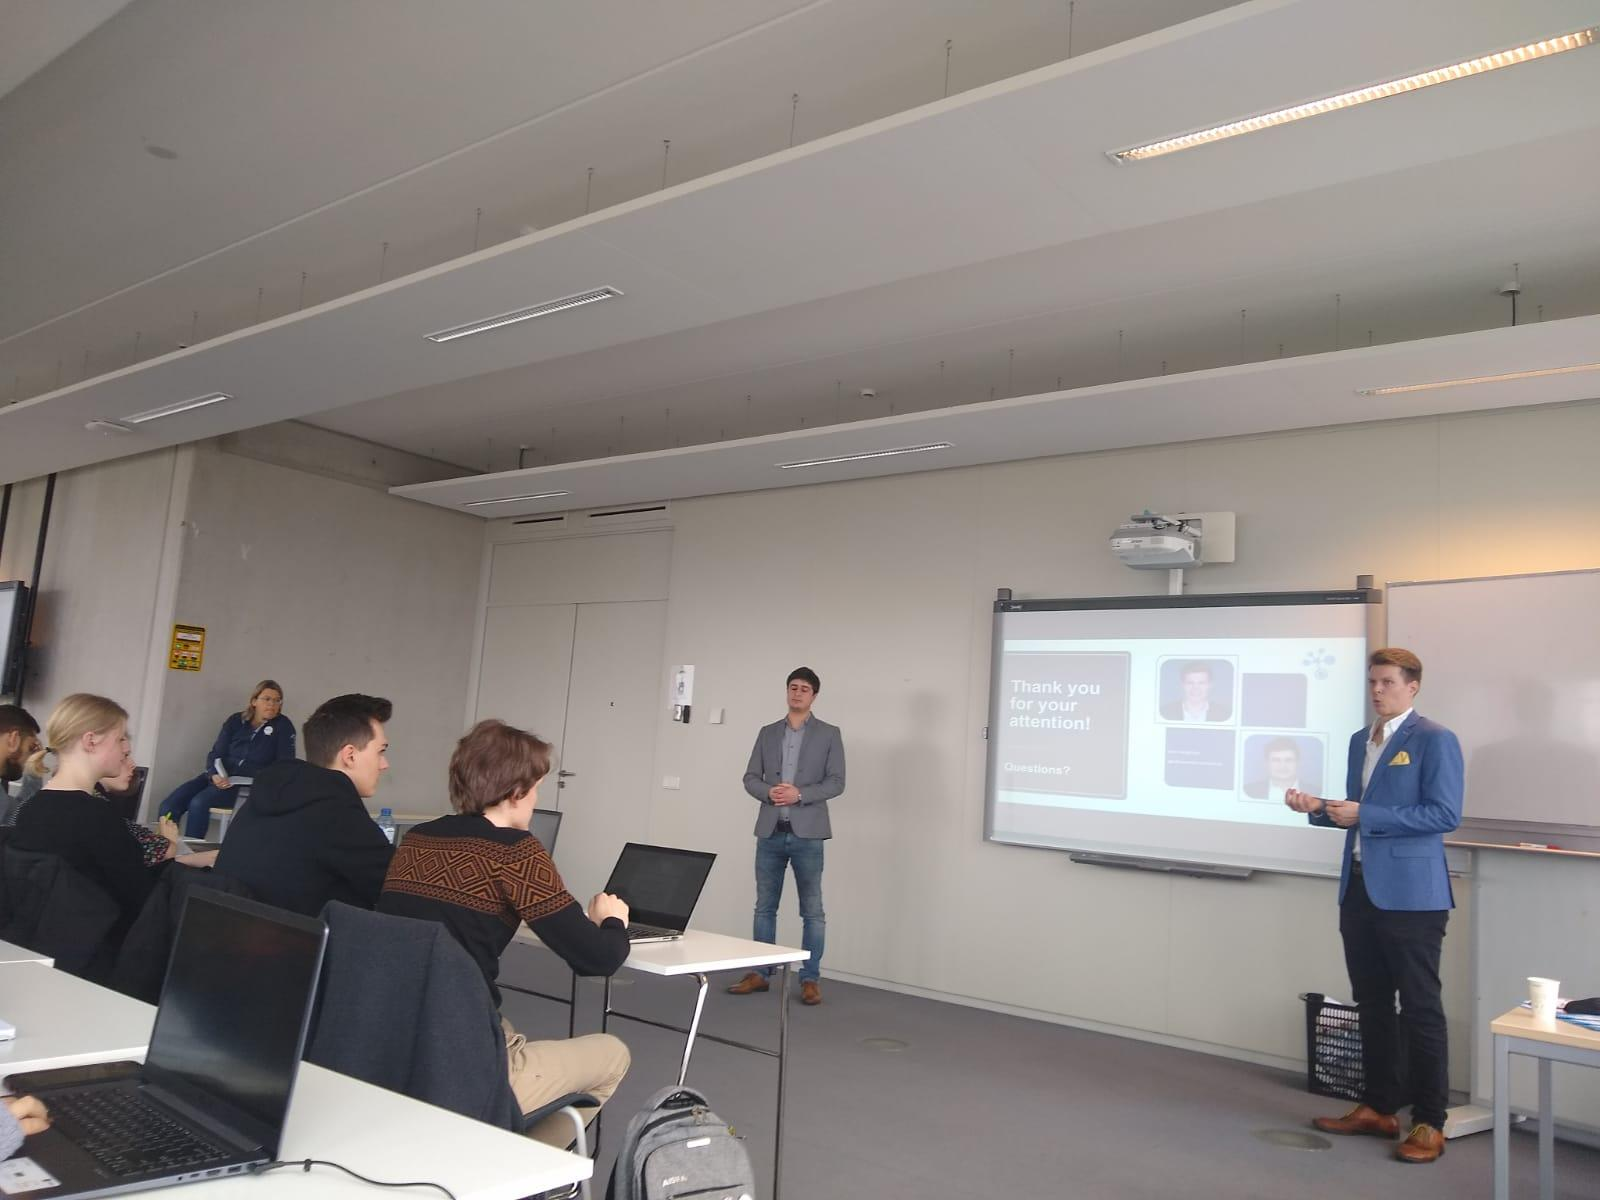 Presentatie SmartDocuments aan de IBS studenten van Saxion